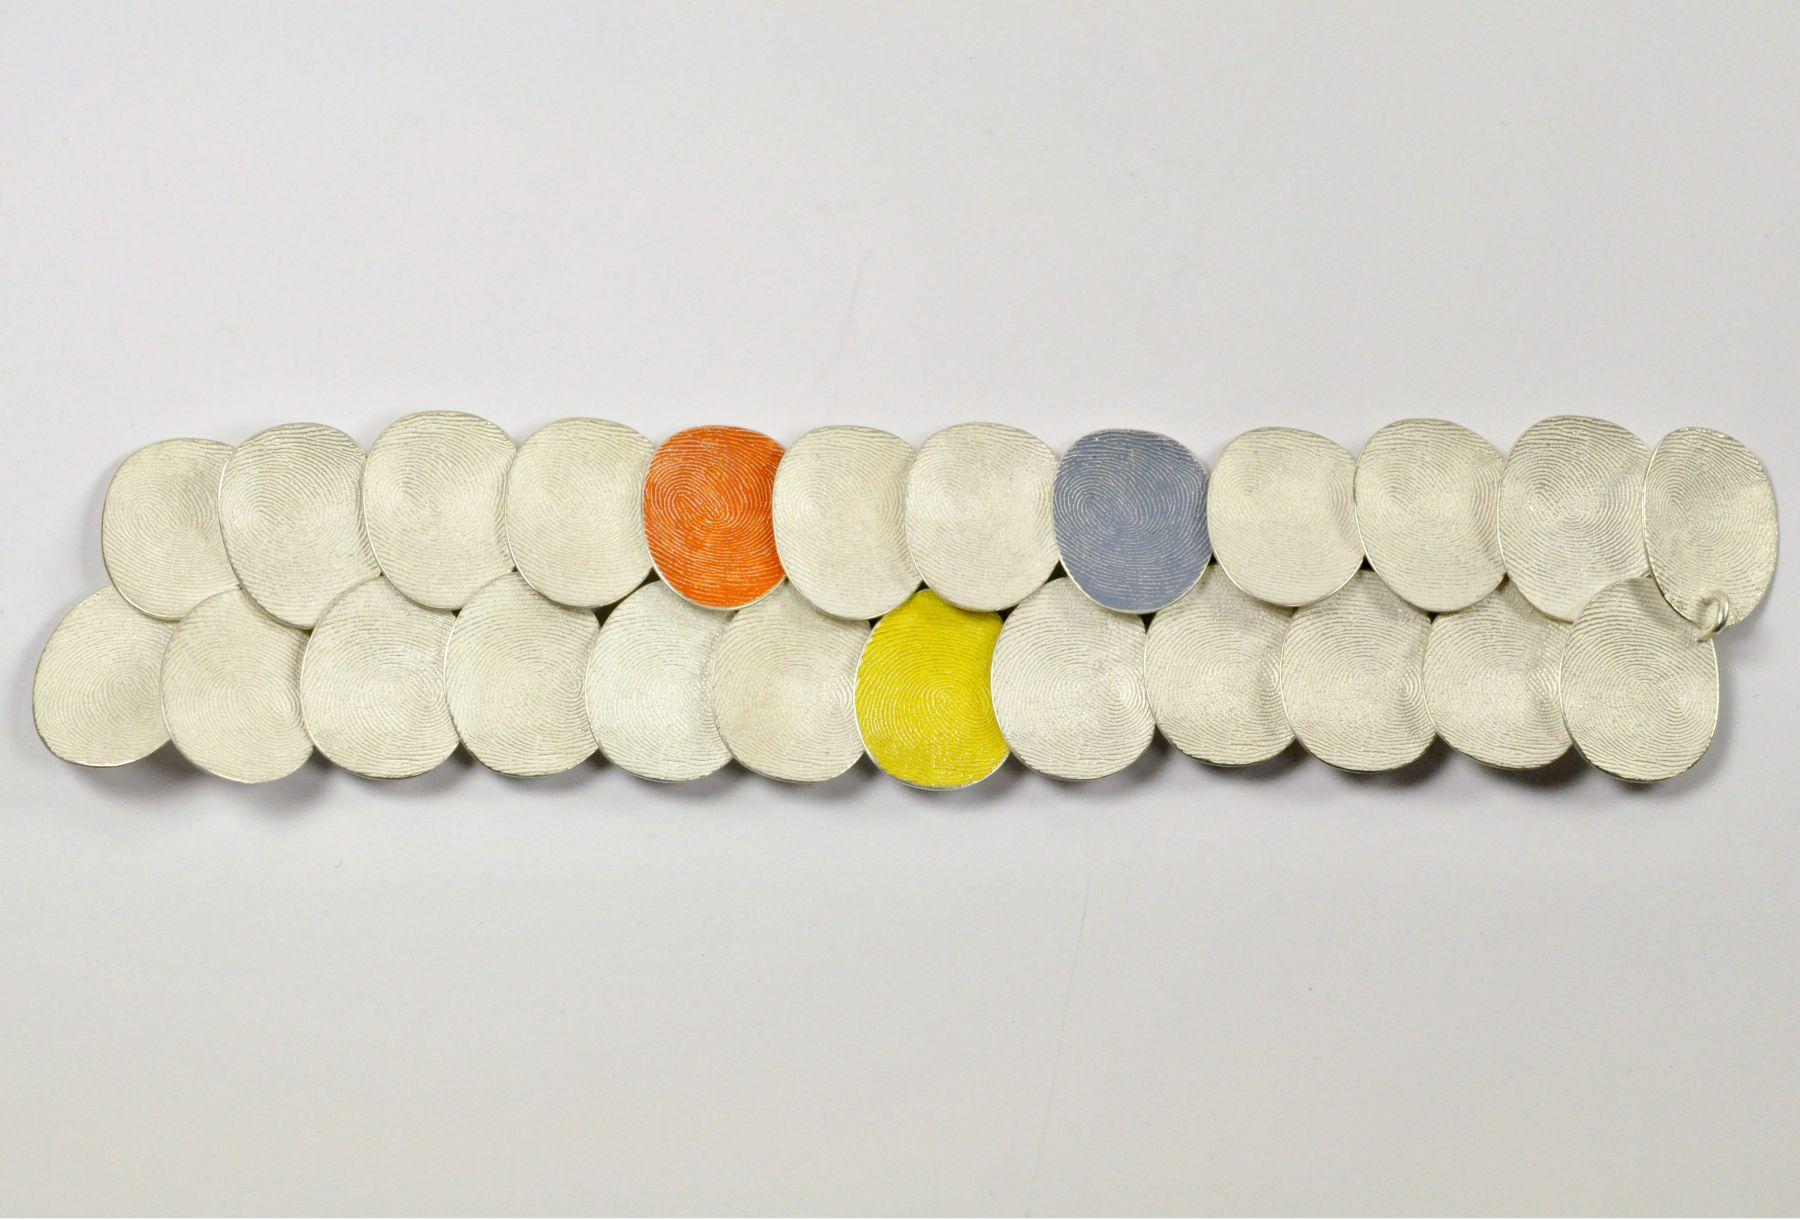 Gerd Rothmann, Ausnahme ist die Regel, armband, 2021, zilver, pigment